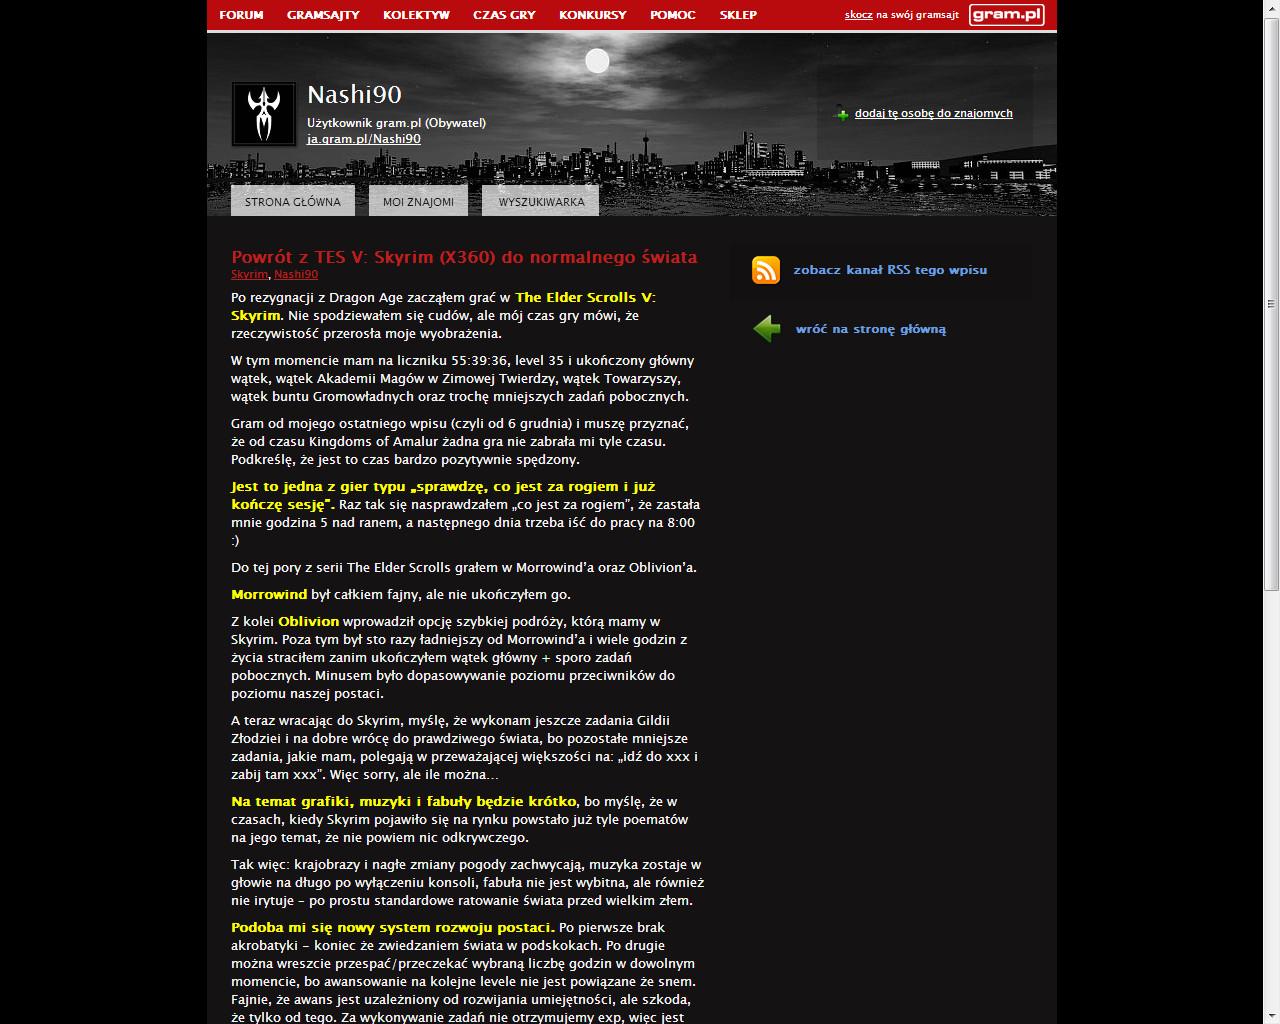 Co w gramsajtach piszczy #75 - Zombie z kopytkiem, czyli kolejne podsumowanie gramsajtowej aktywności! - obrazek 3